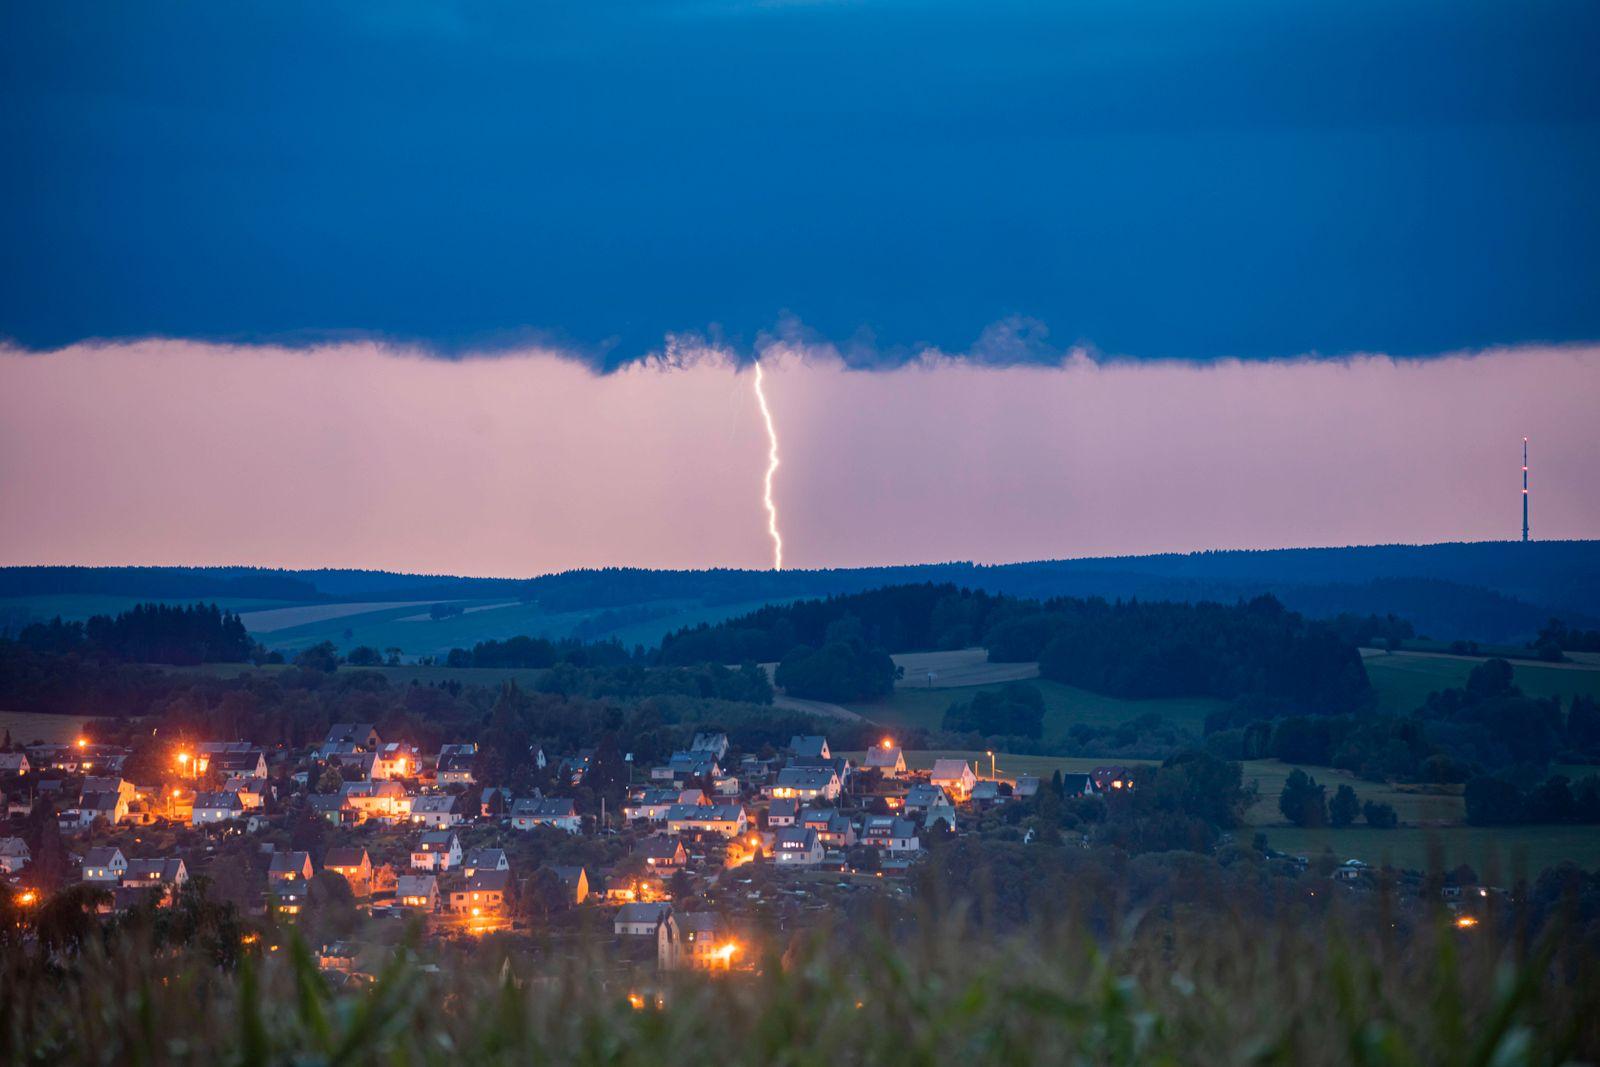 News Bilder des Tages 200818 Gewitter. Blitzgewitter am Abend im Erzgebirge Potz Blitz! Einige Gewitter zogen am heutige